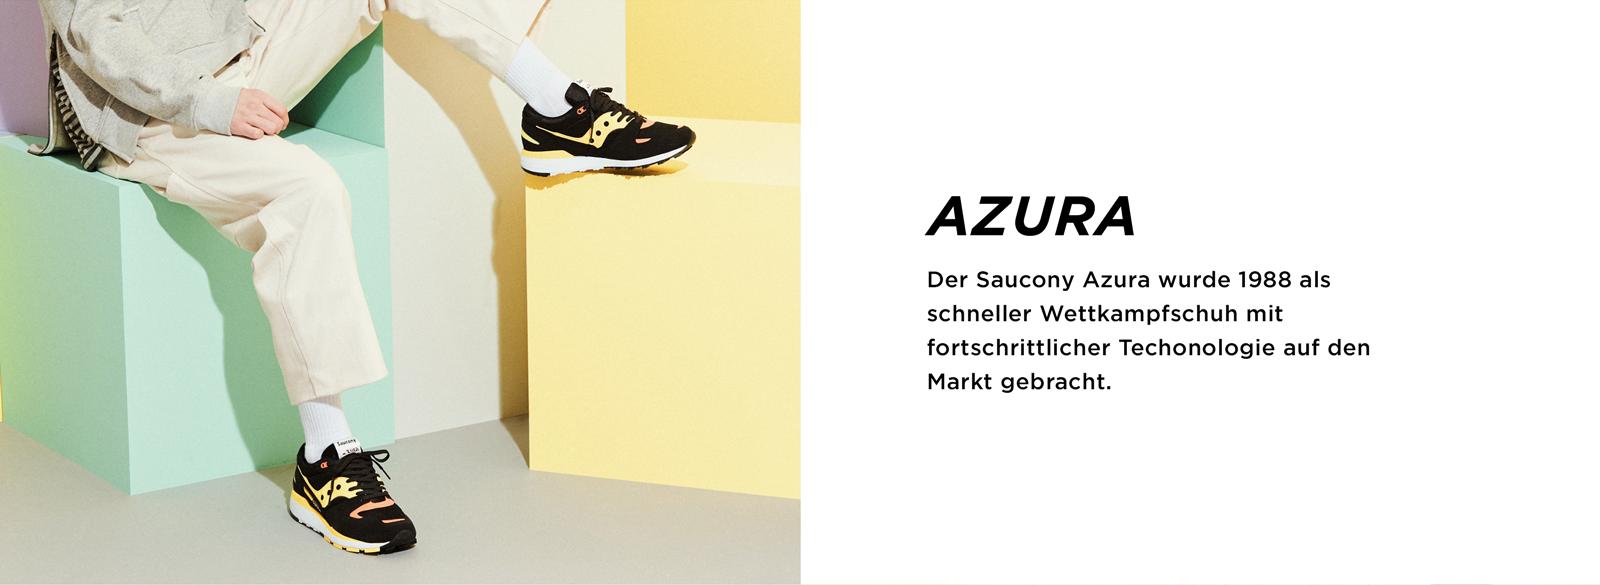 Saucony Azura Released In 1988